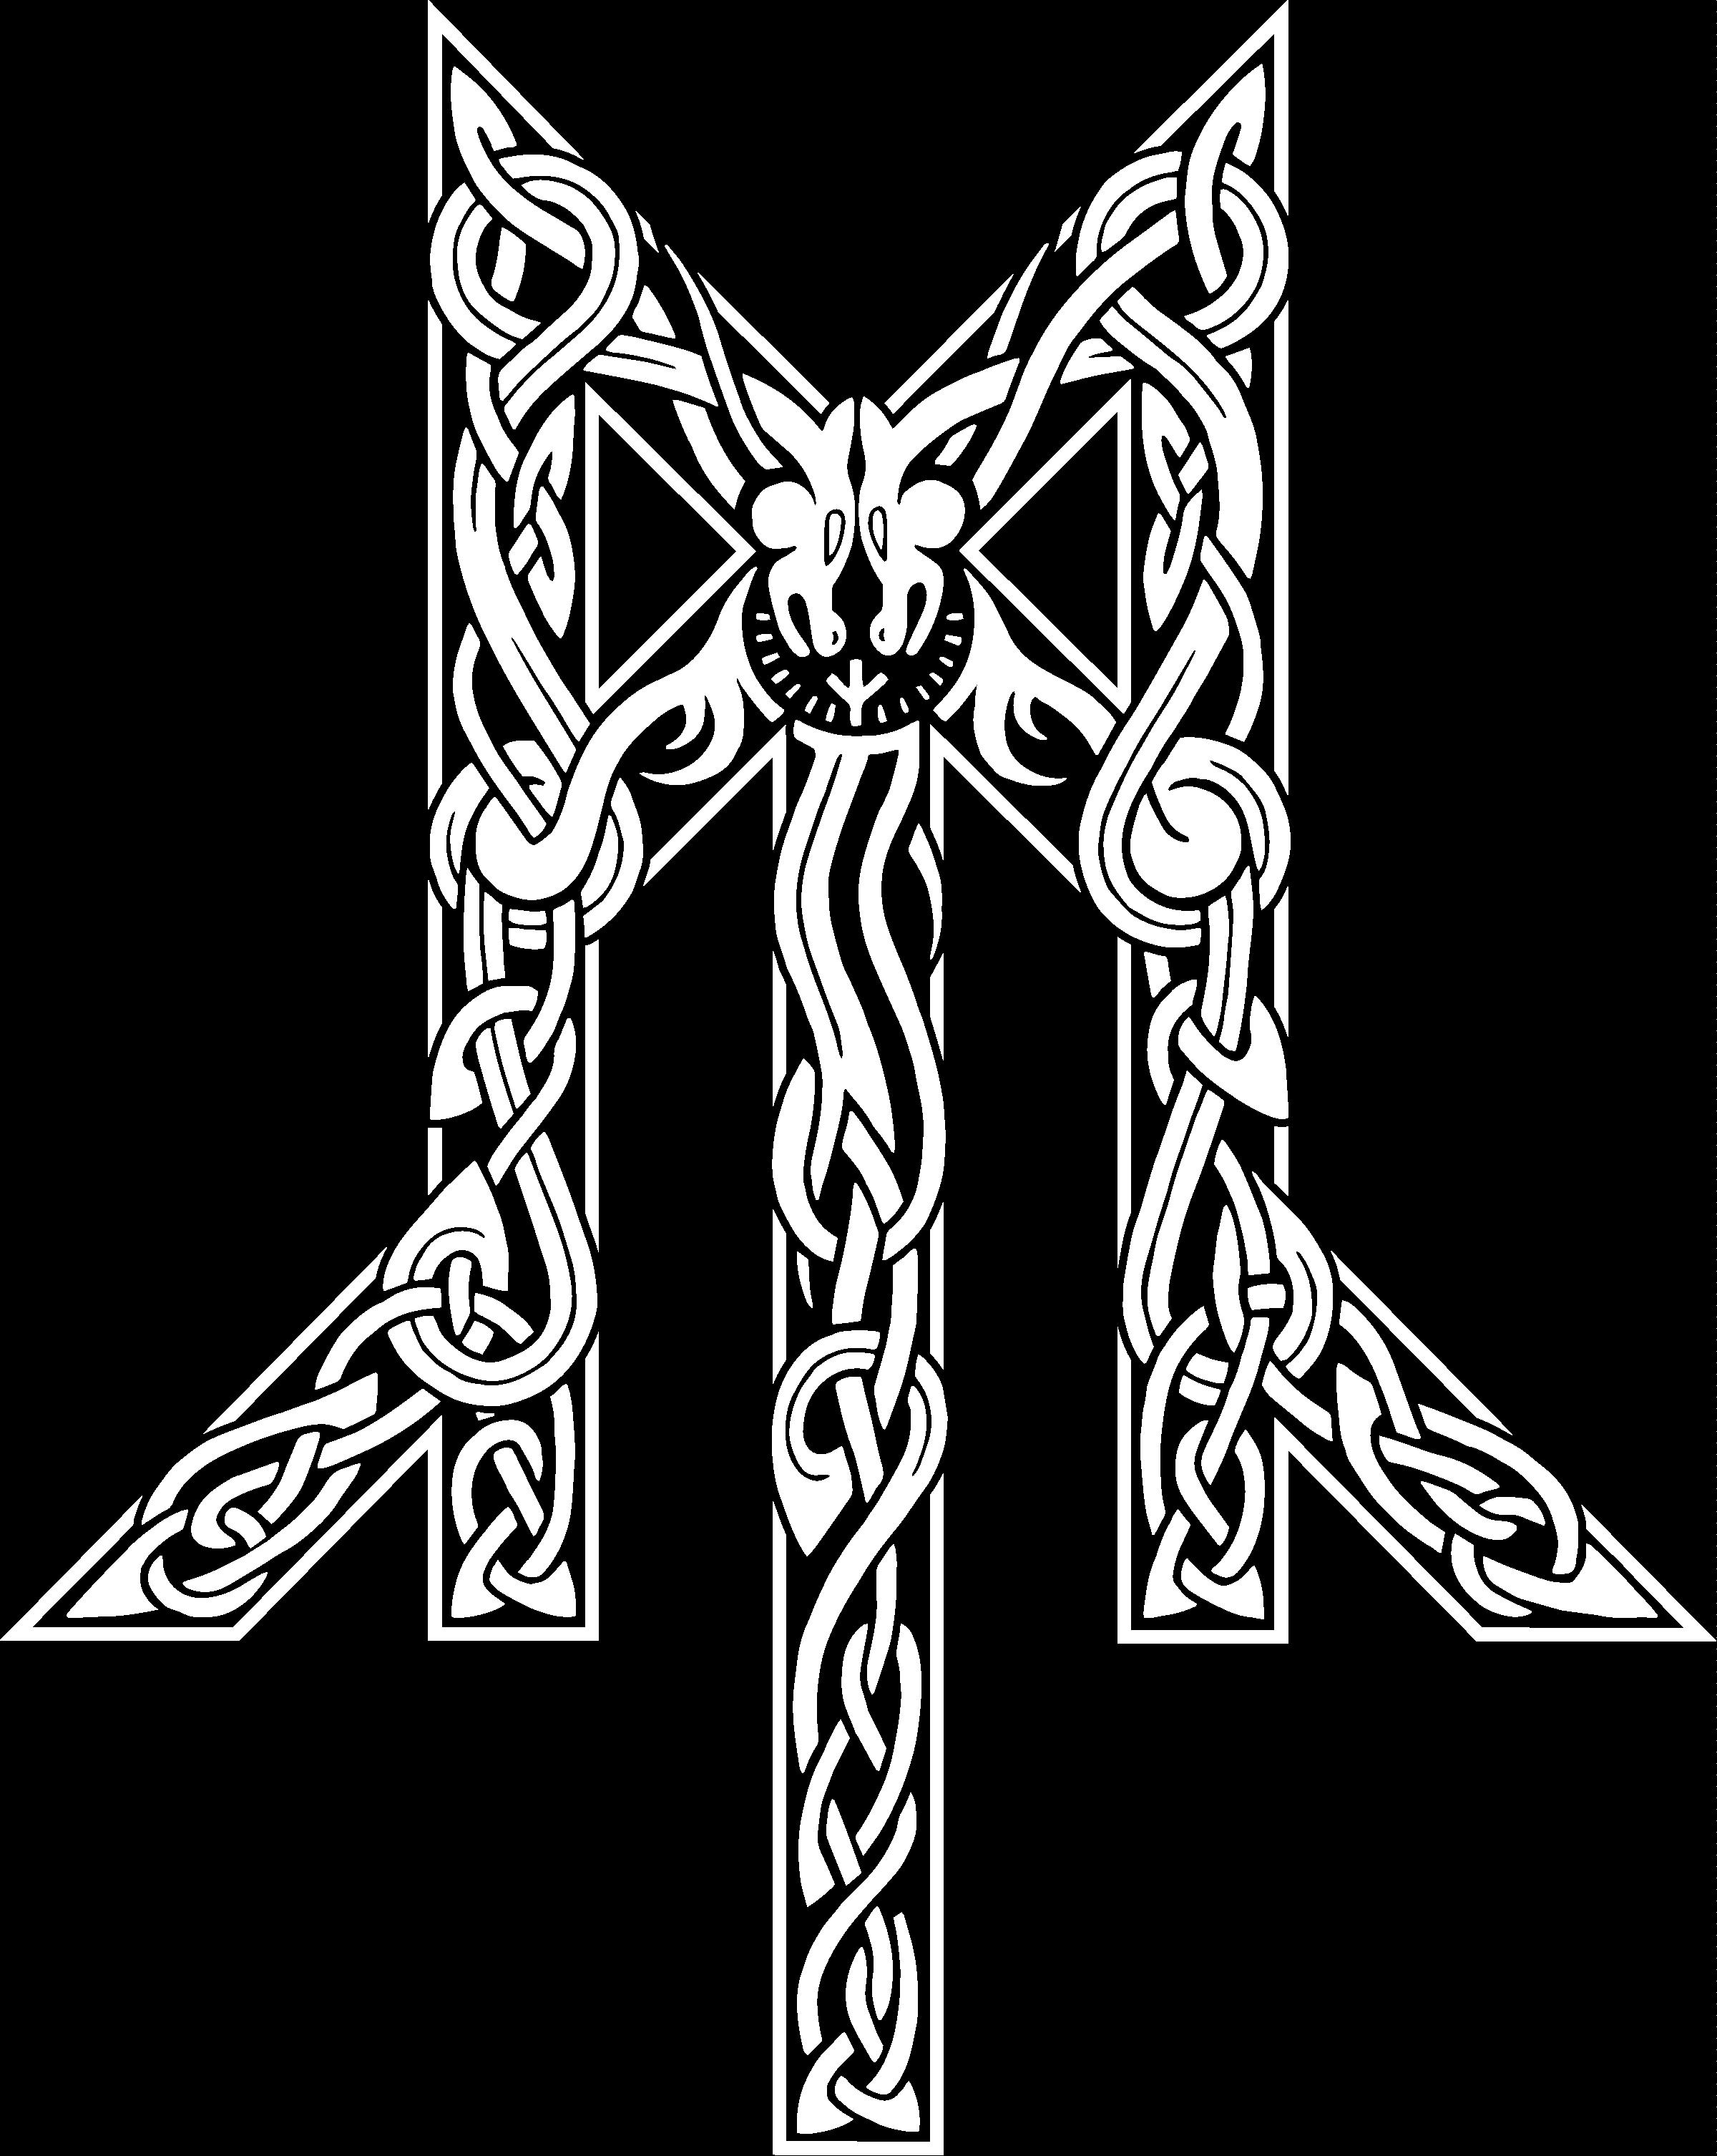 Wolcensmen_EmblemWhite